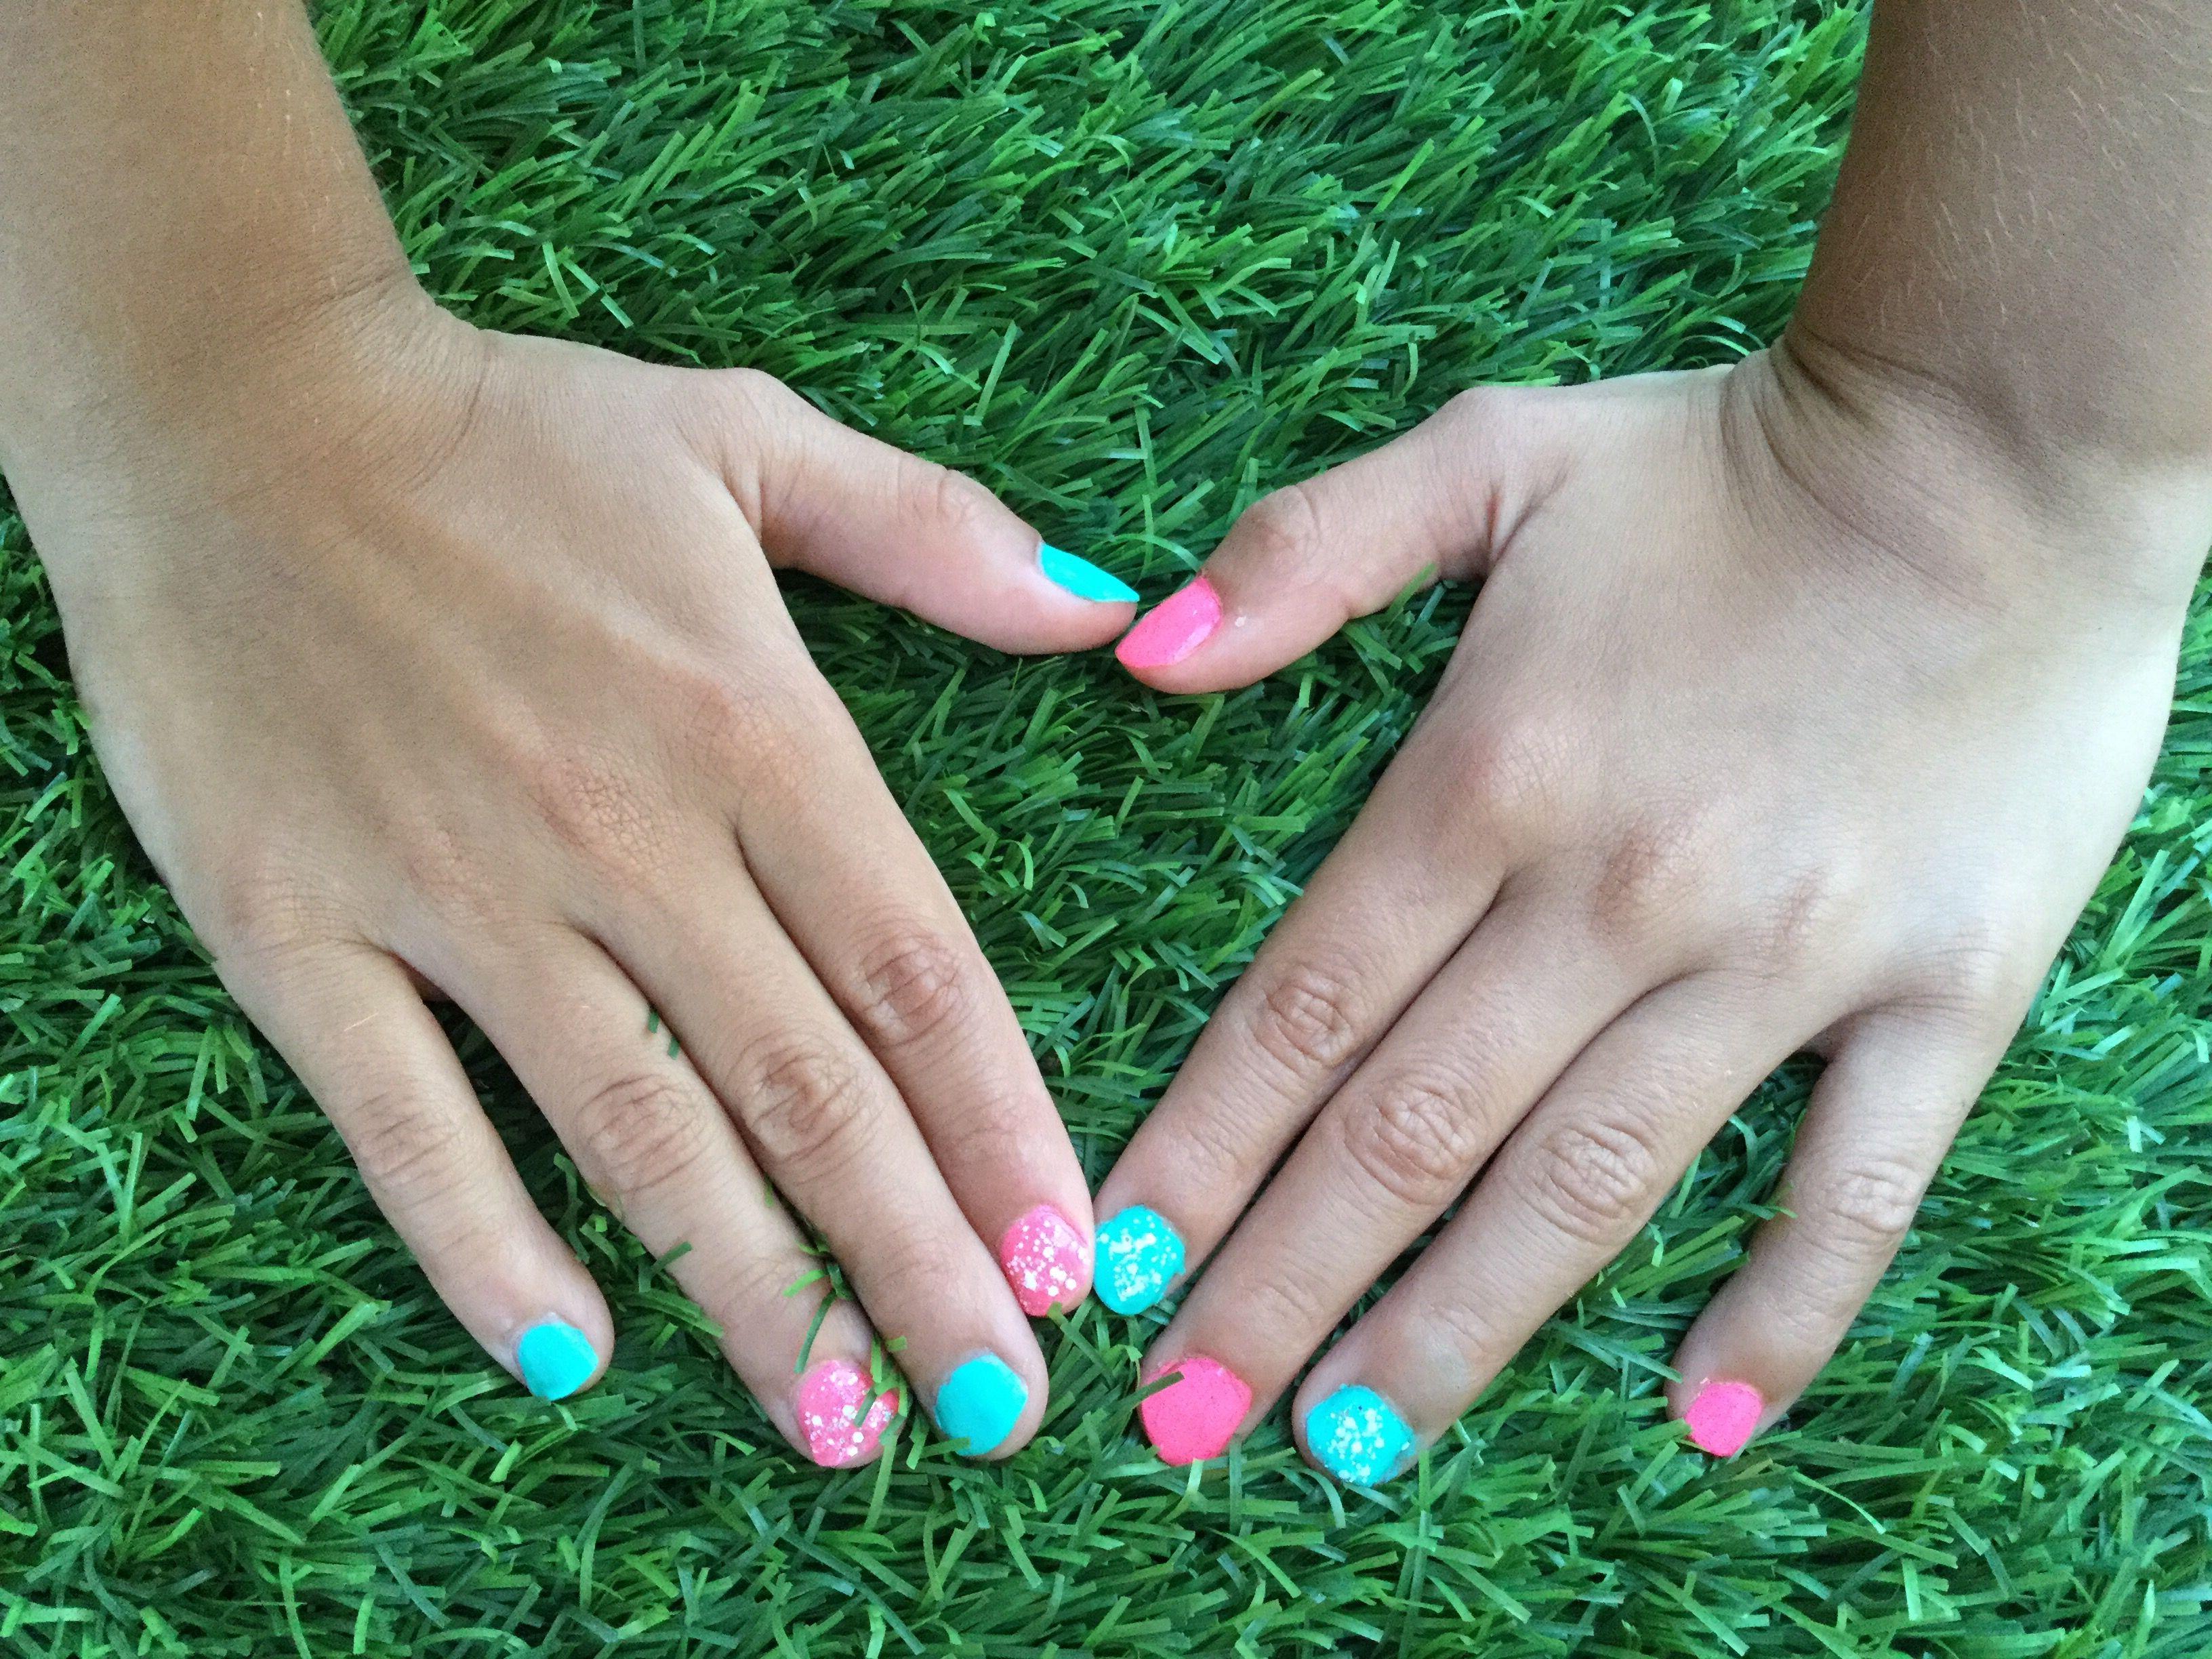 Pin de Bruna en Diseños de uñas | Pinterest | Diseños de uñas